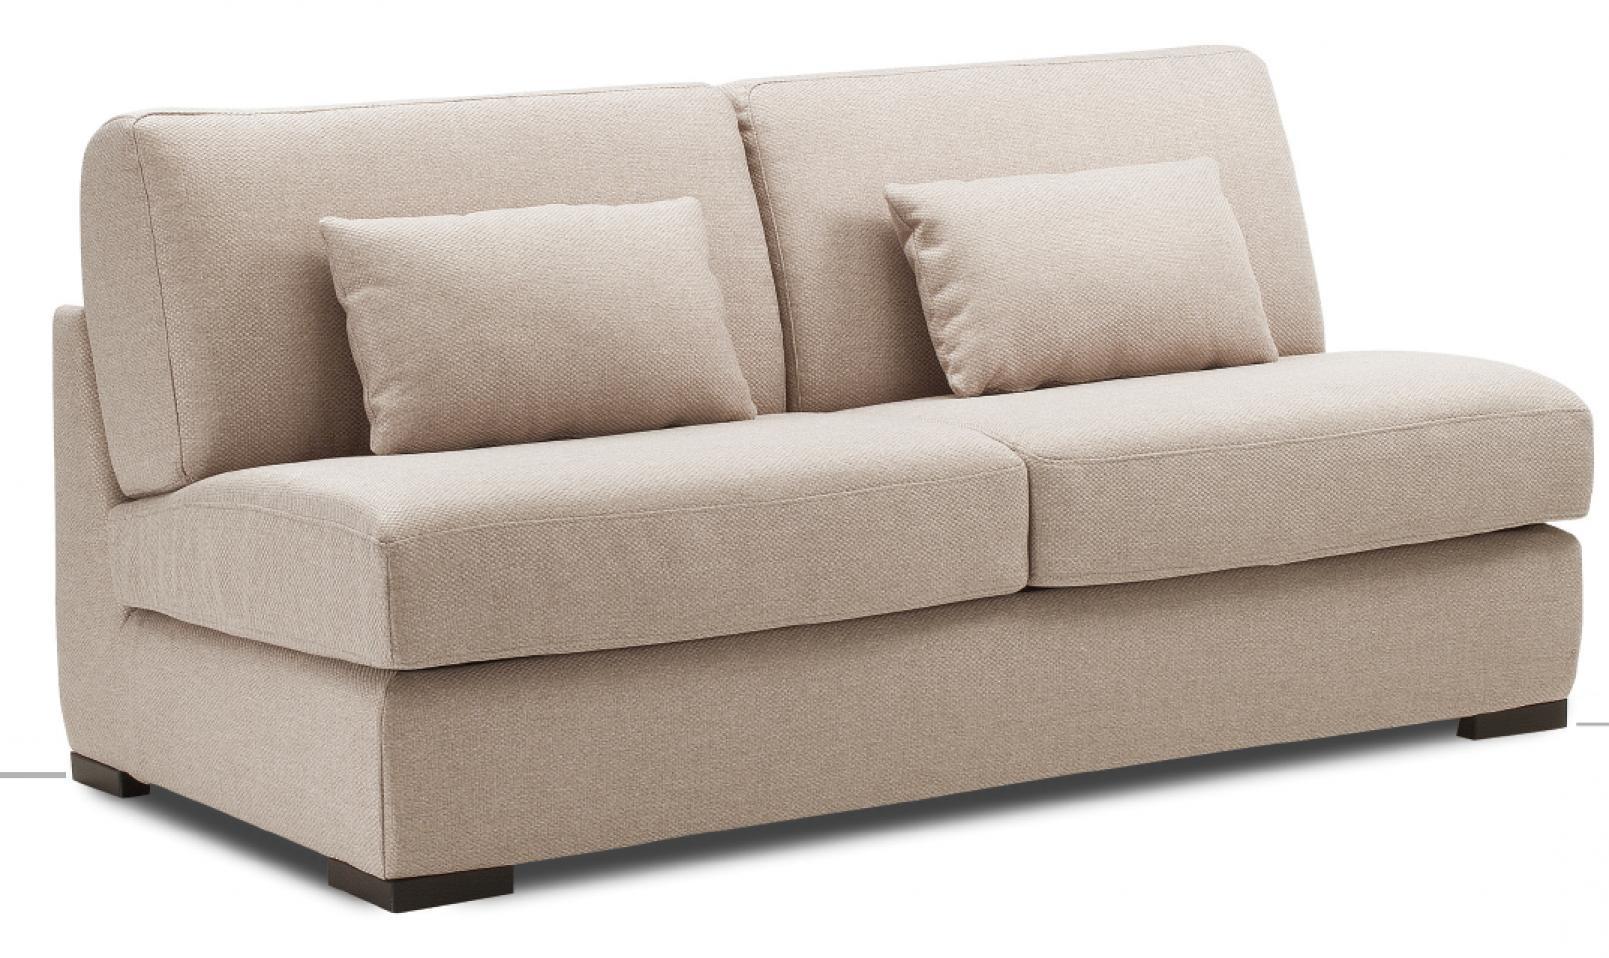 photos canap en l convertible. Black Bedroom Furniture Sets. Home Design Ideas